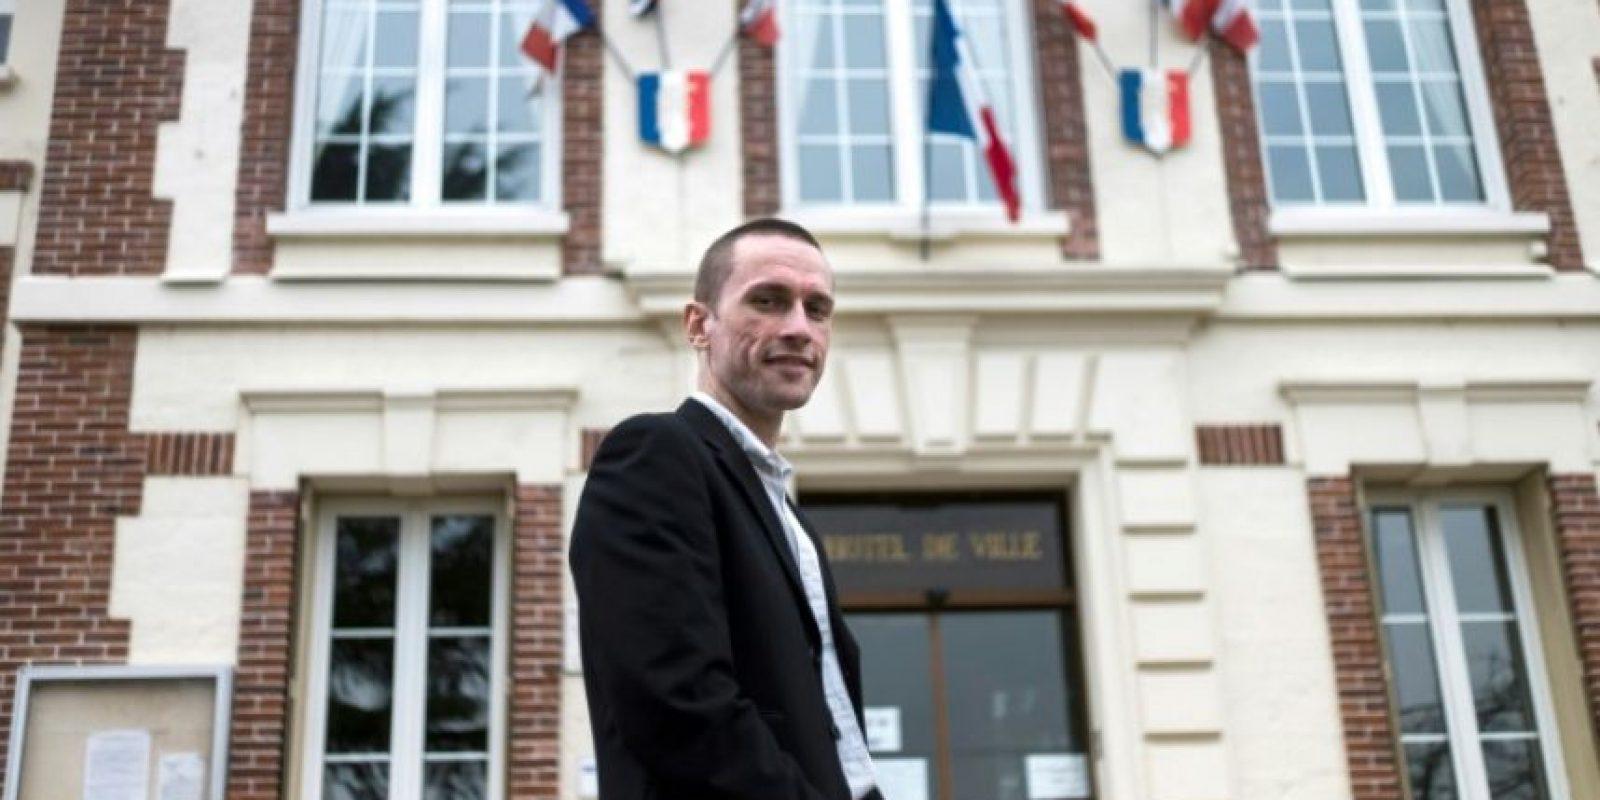 Cyril Nauth, alcalde de Mantes-la-Ville por el Frente Nacional, frente al ayuntamiento de la ciudad francesa, el 31 de marzo de 2014 Foto:Fred Dufour/afp.com